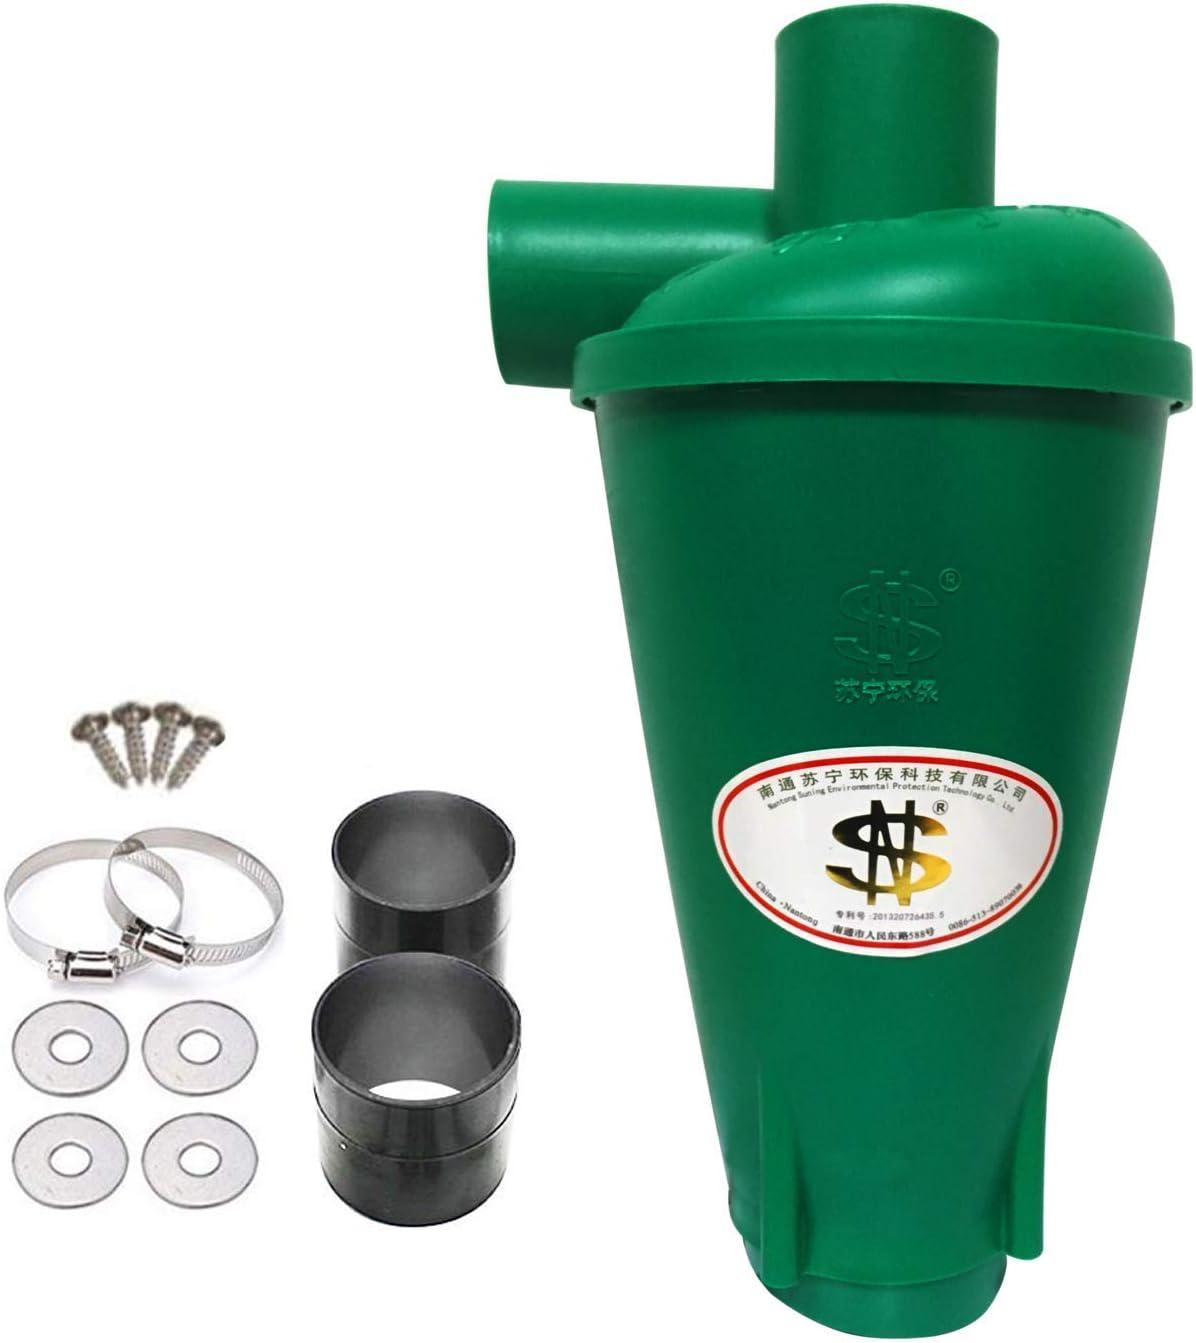 KKmoon Colector de polvo,Extractor industrial,Aspiradora cicl/ónica,Aspiradora Filtro de separaci/ón